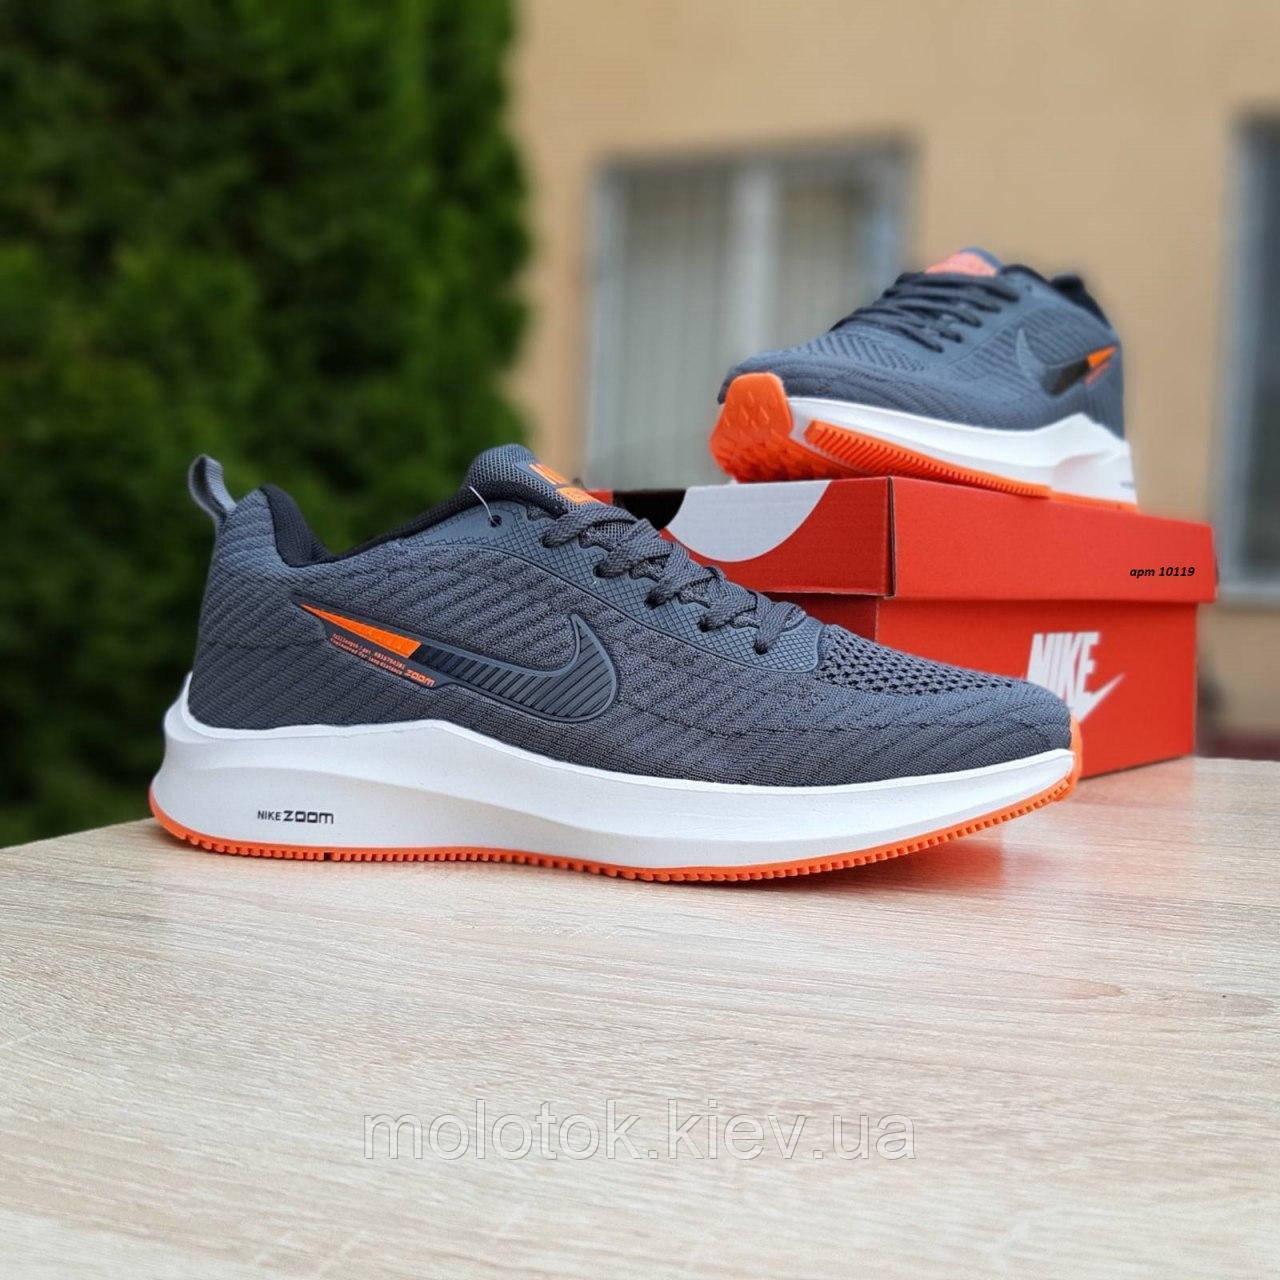 Чоловічі кросівки в стилі Nike Flyknit Lunar 3 сірі з помаранчевим